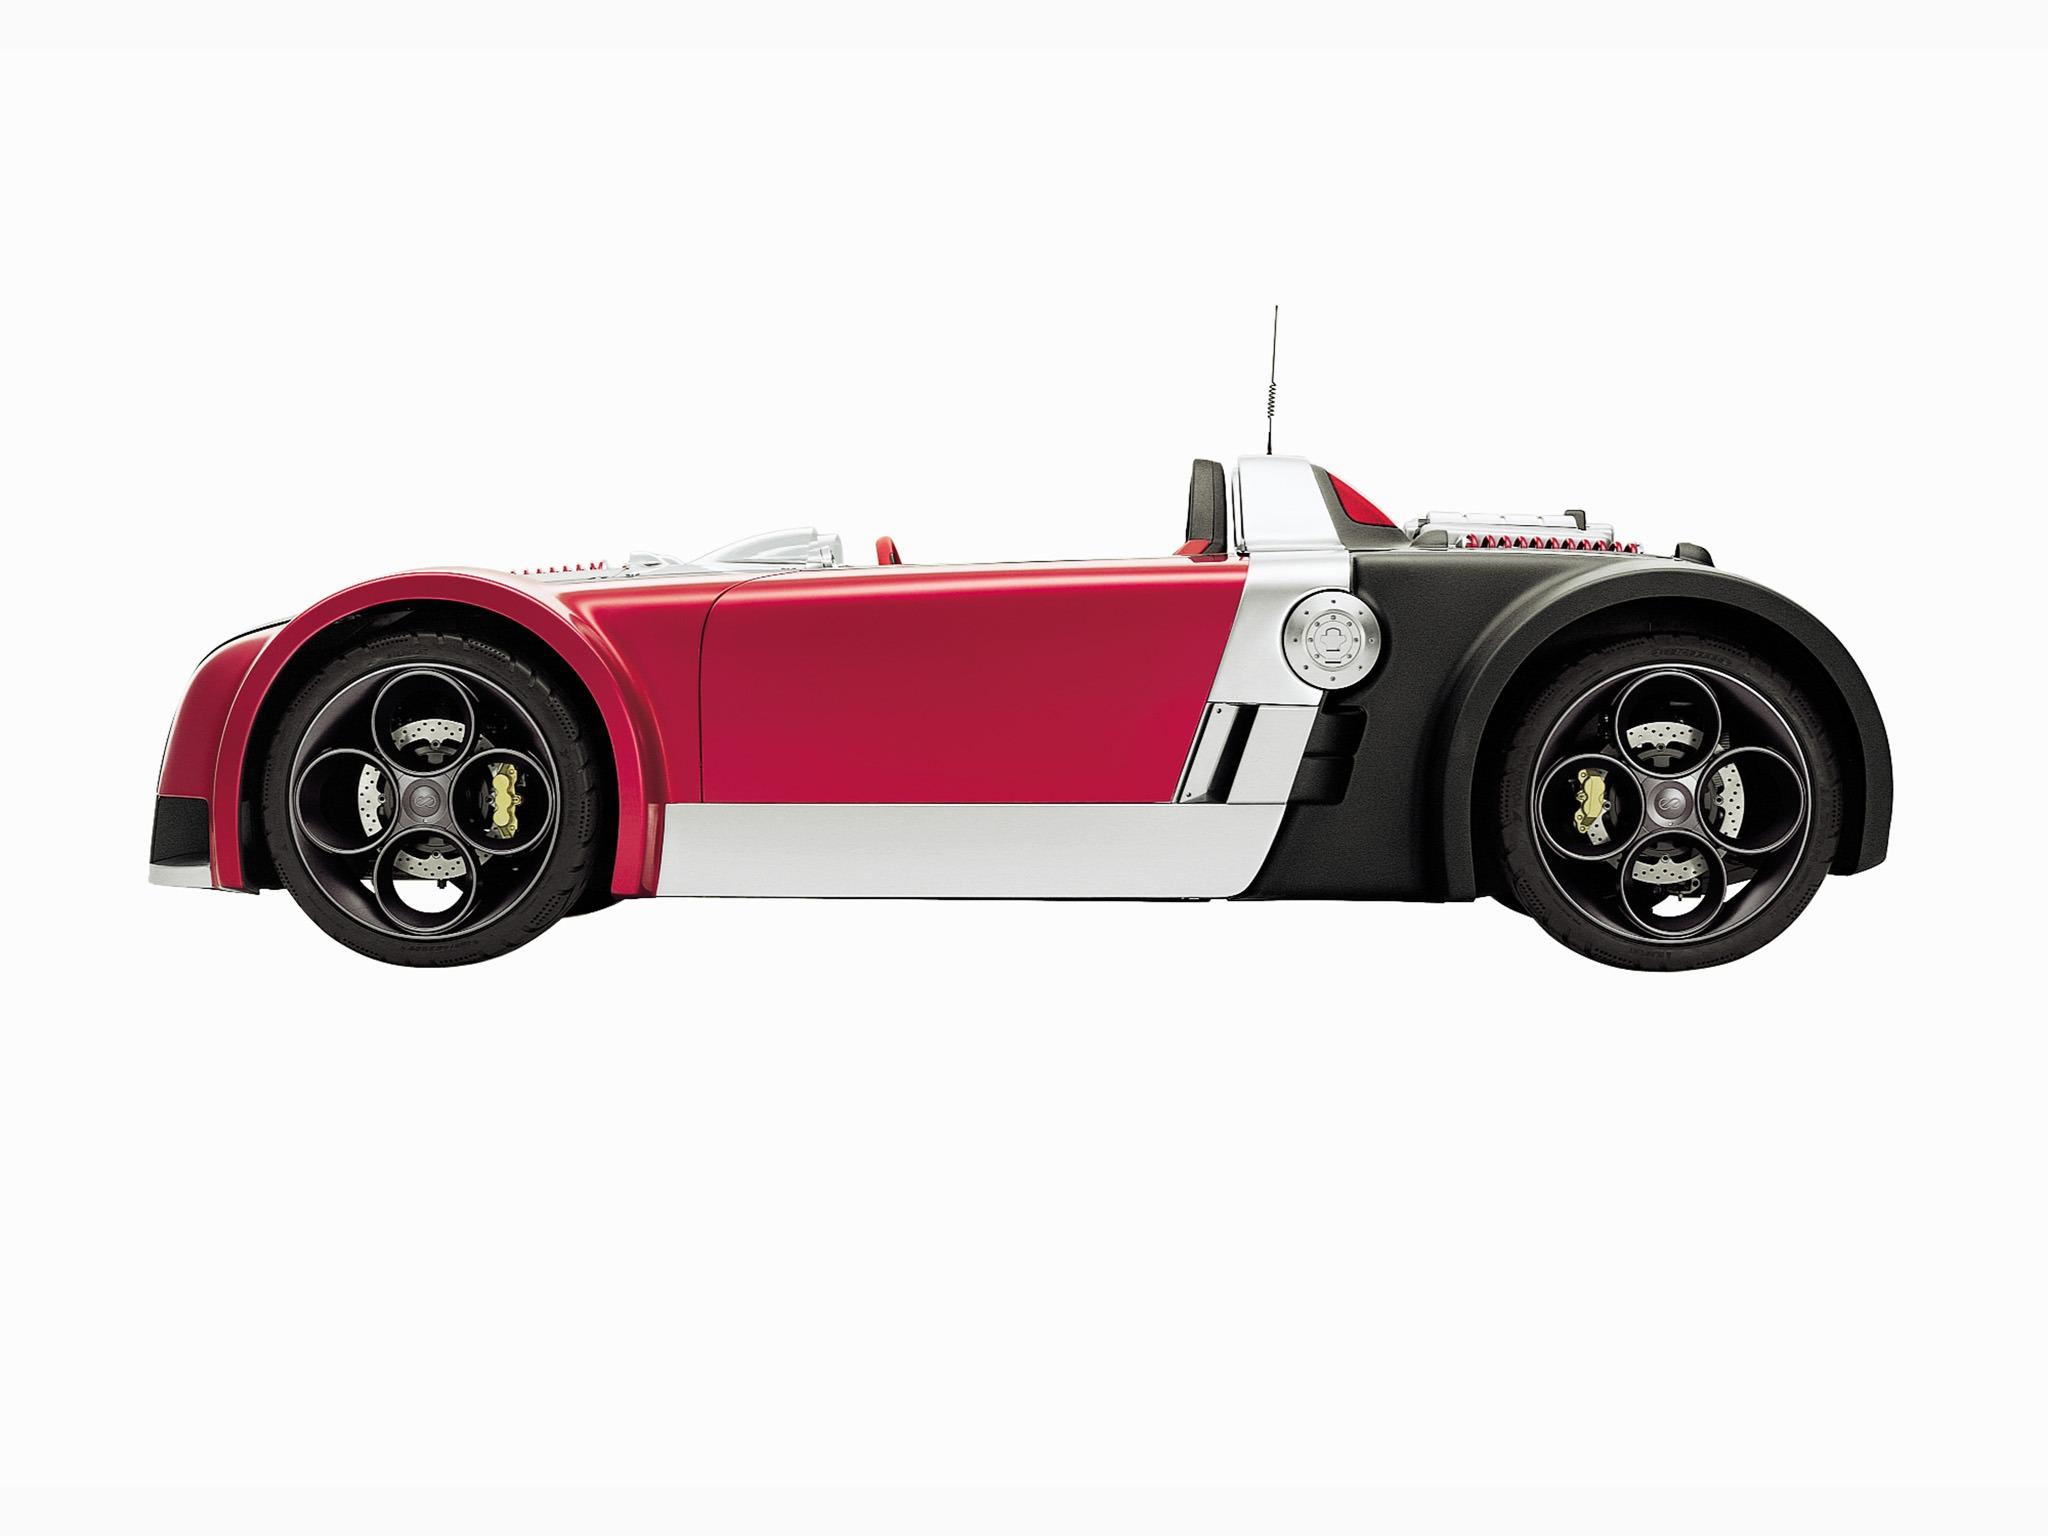 Suzuki Gsx R4 2